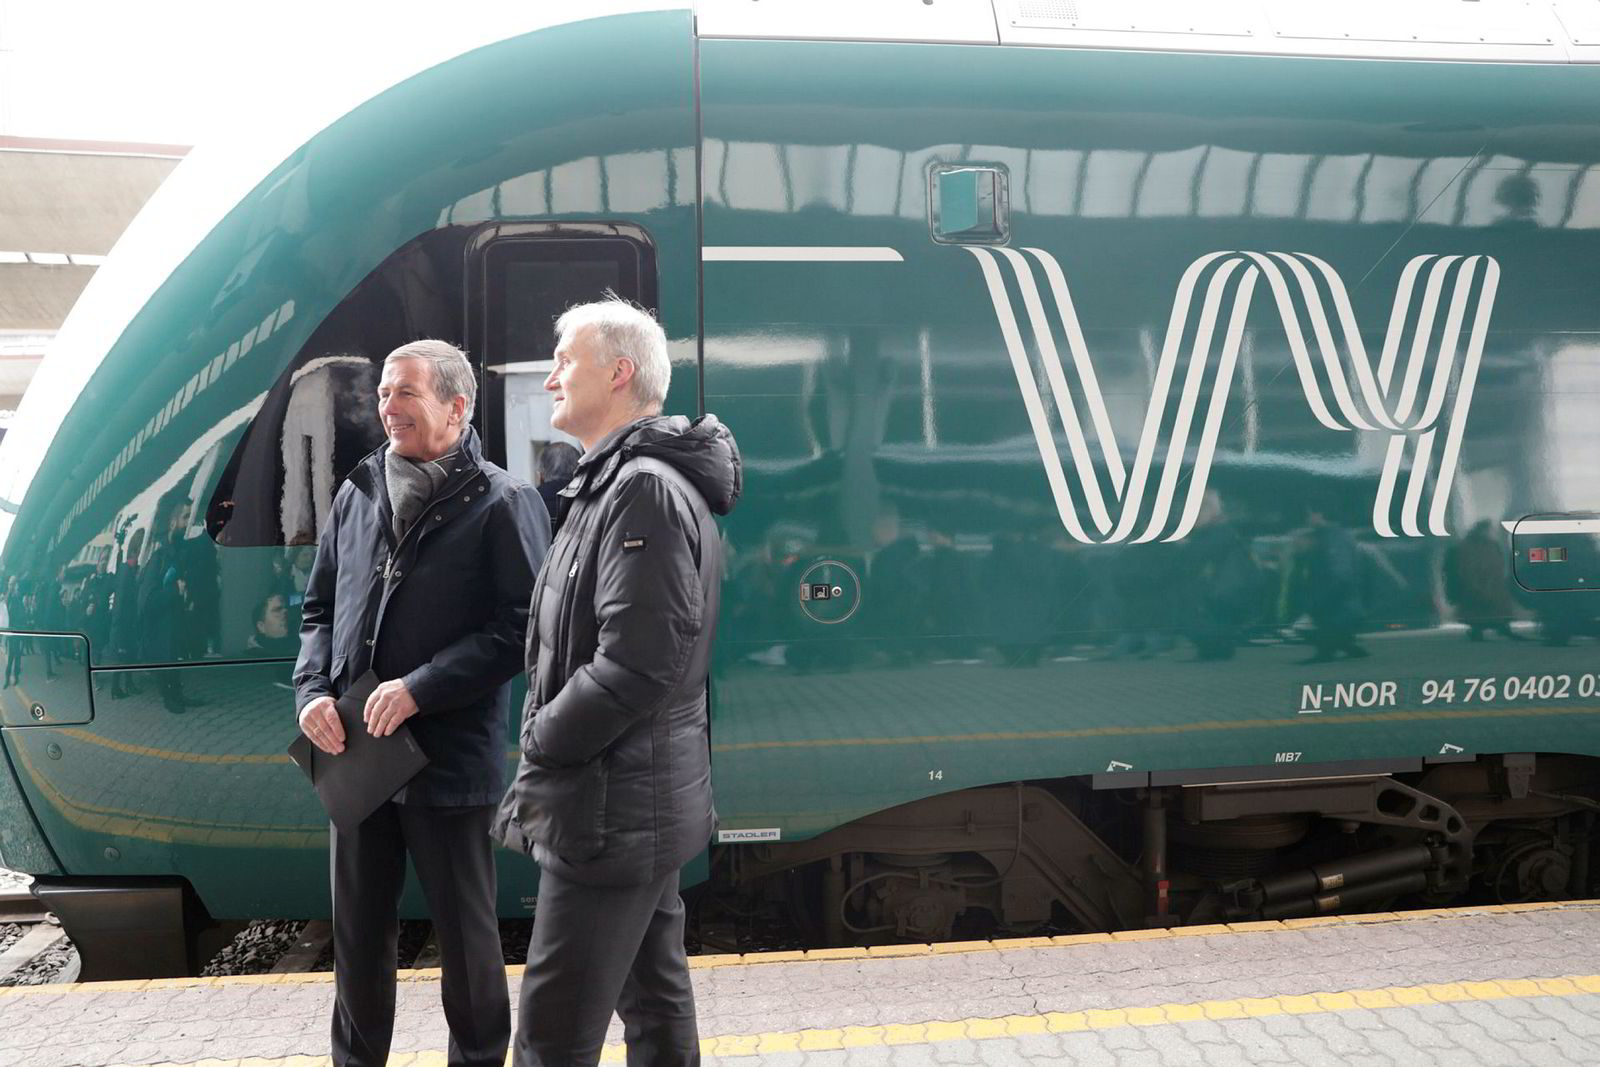 NSB samler tog- og bussvirksomheten under en ny, felles merkevare. Prislappen for navnebyttet er på 280 millioner kroner. Styreleder i NSB, Dag Mejdell (til venstre) og konsernsjef i NSB Geir Isaksen.